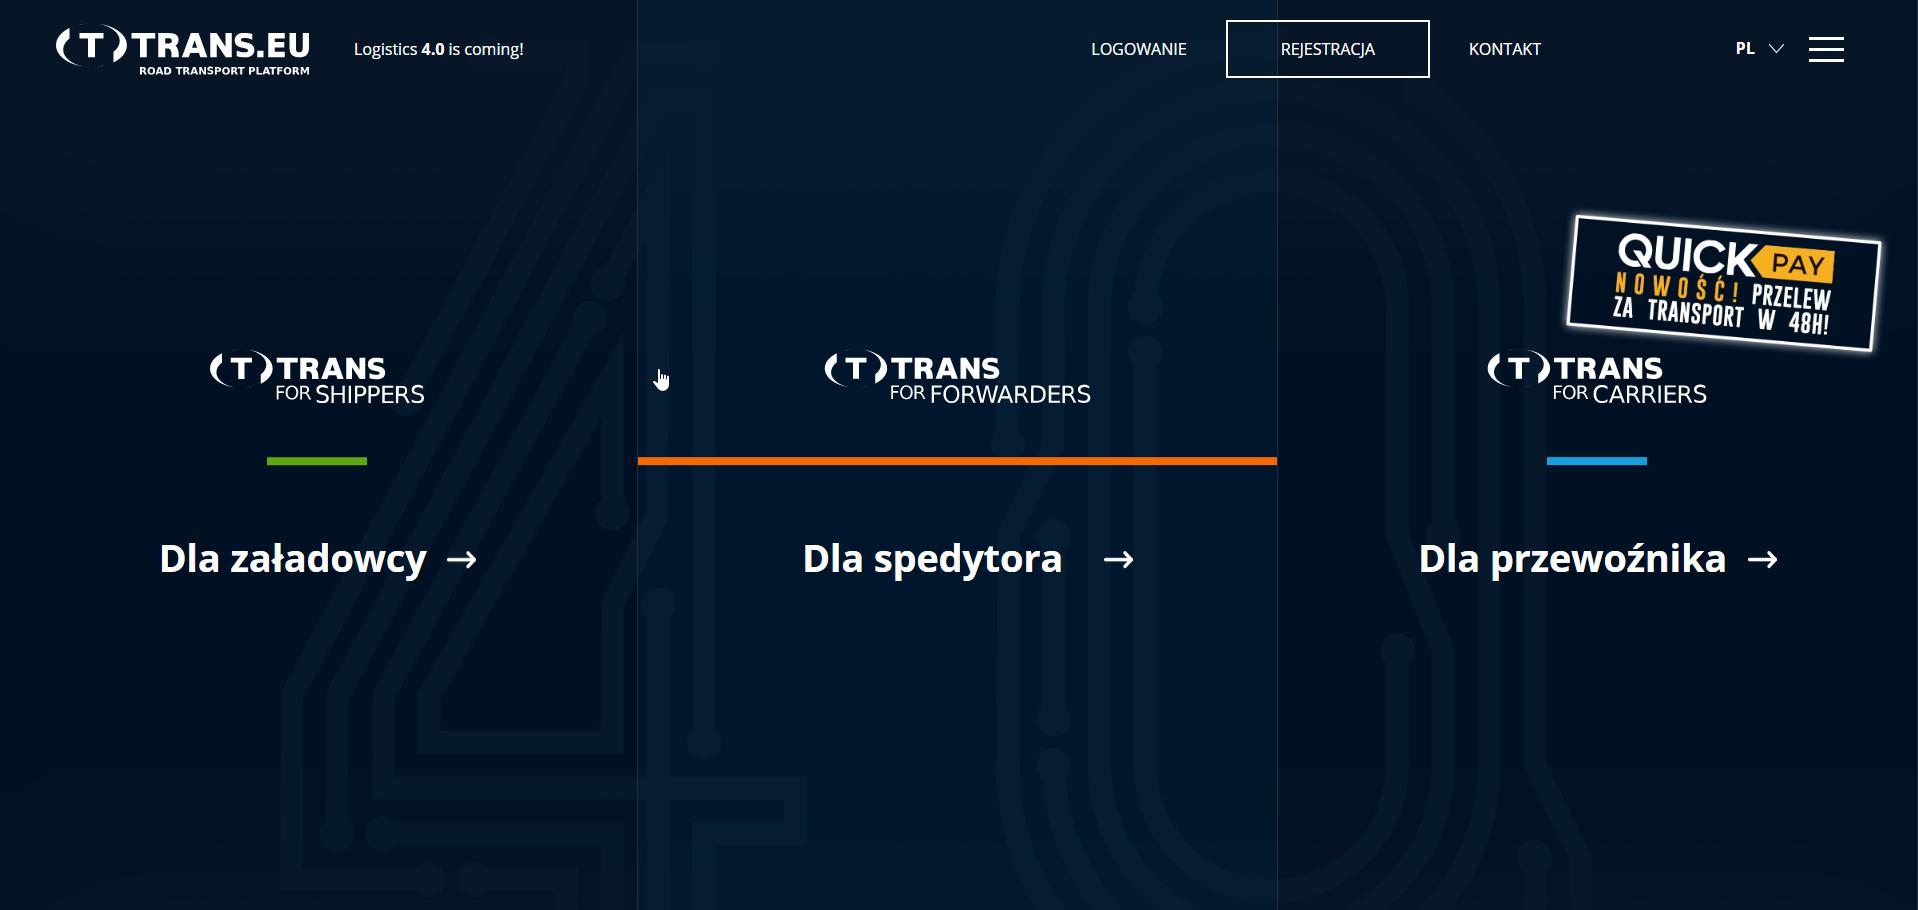 Wyłączyliśmy możliwość korzystania z Platformy w przeglądarce Internet Explorer